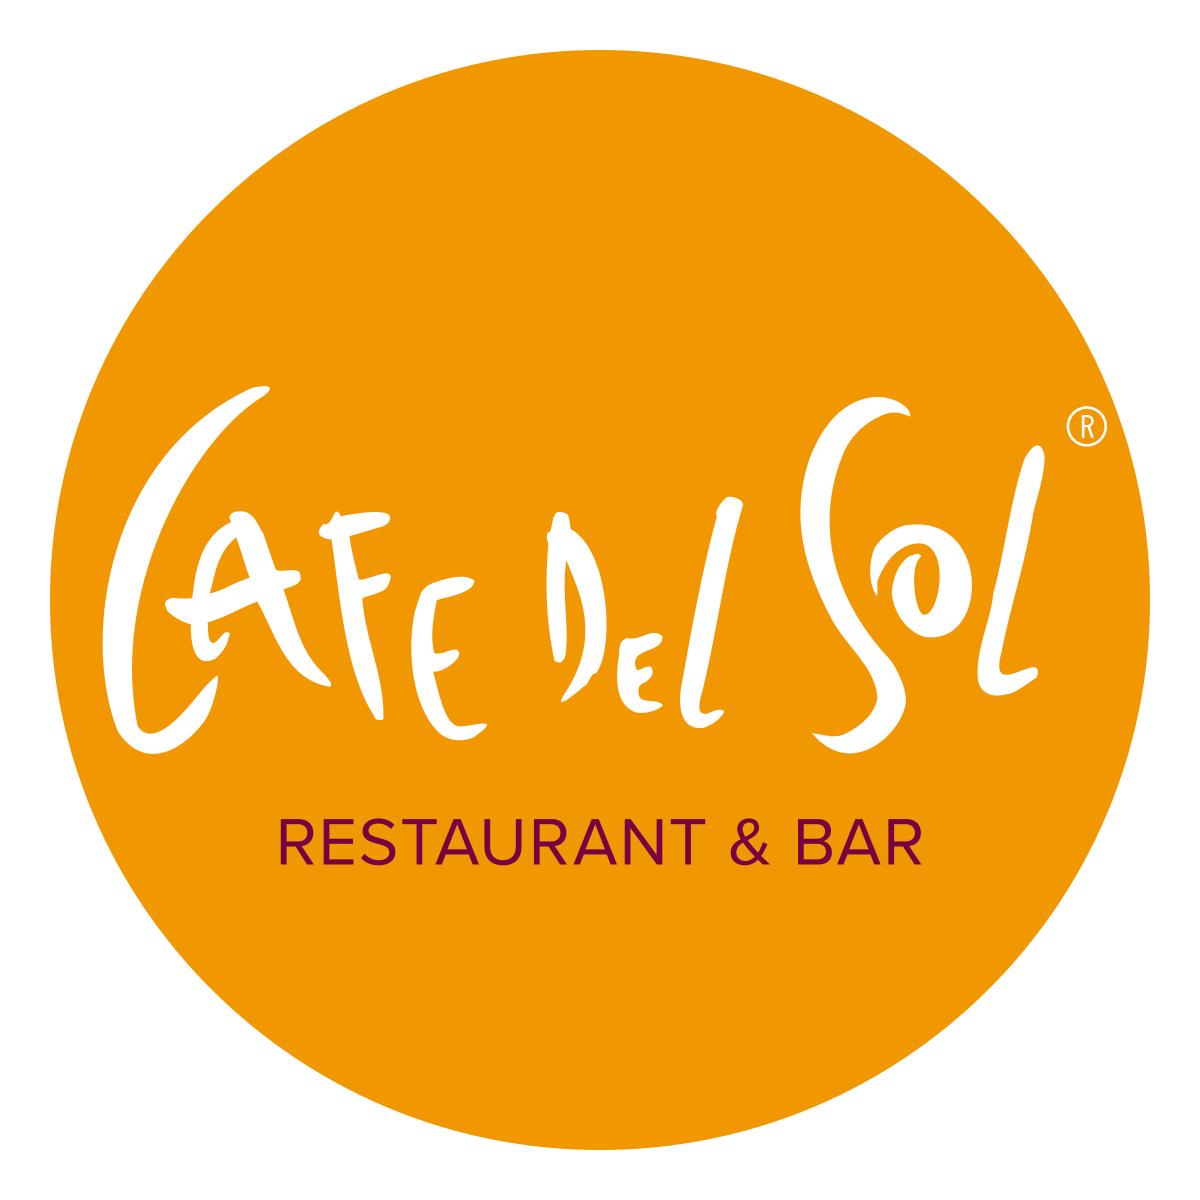 Cafe Del Sol Herne Logo